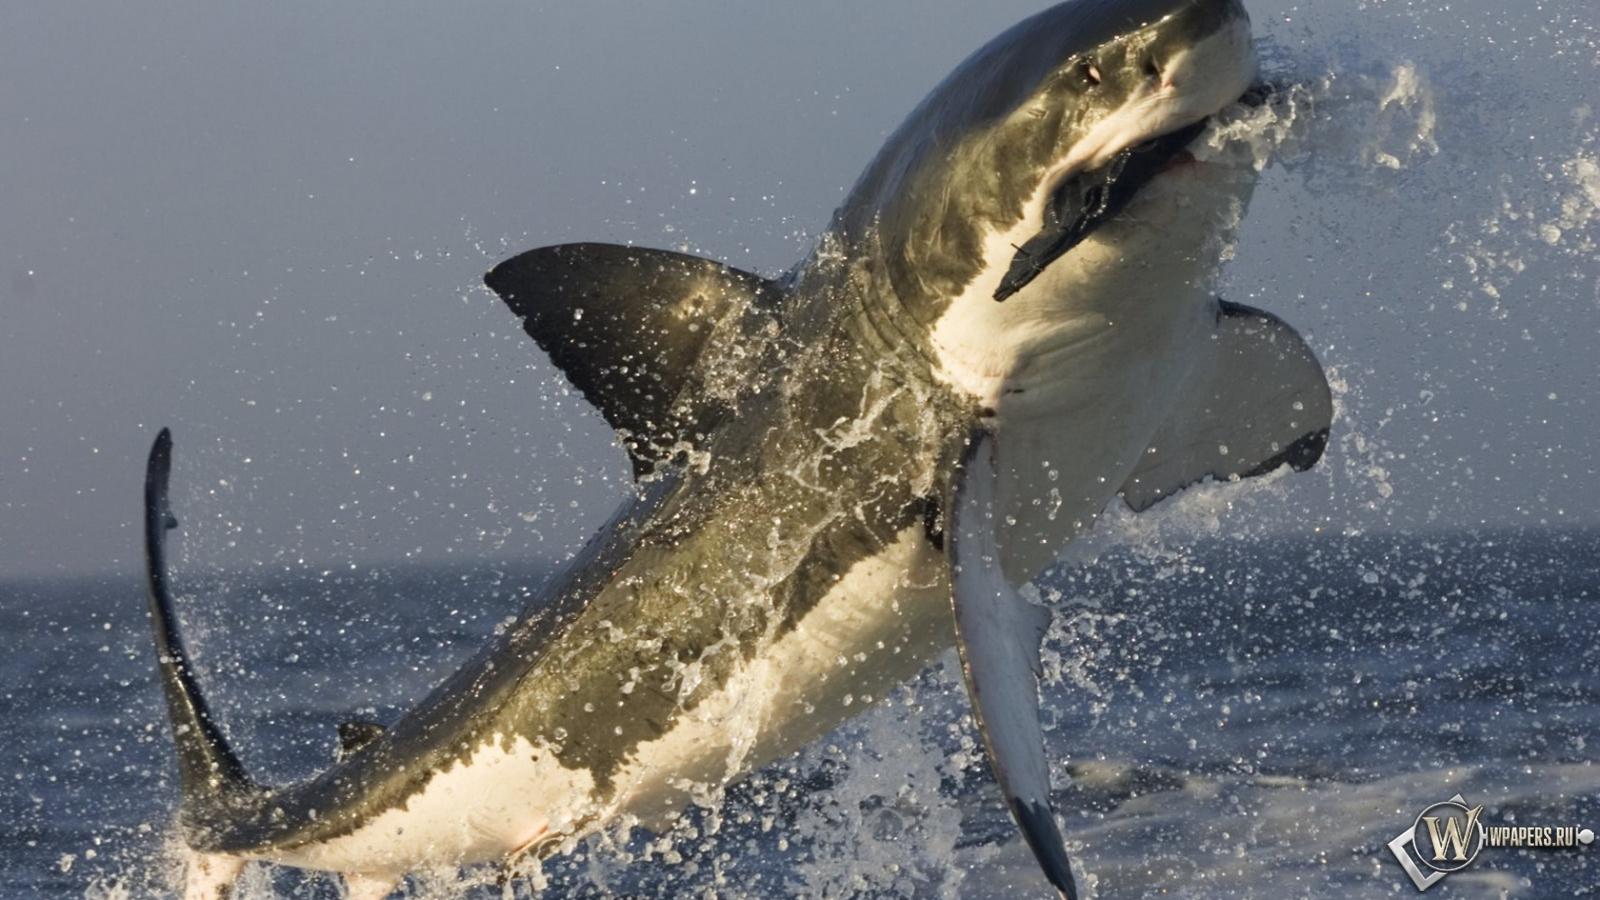 Акула в прыжке 1600x900